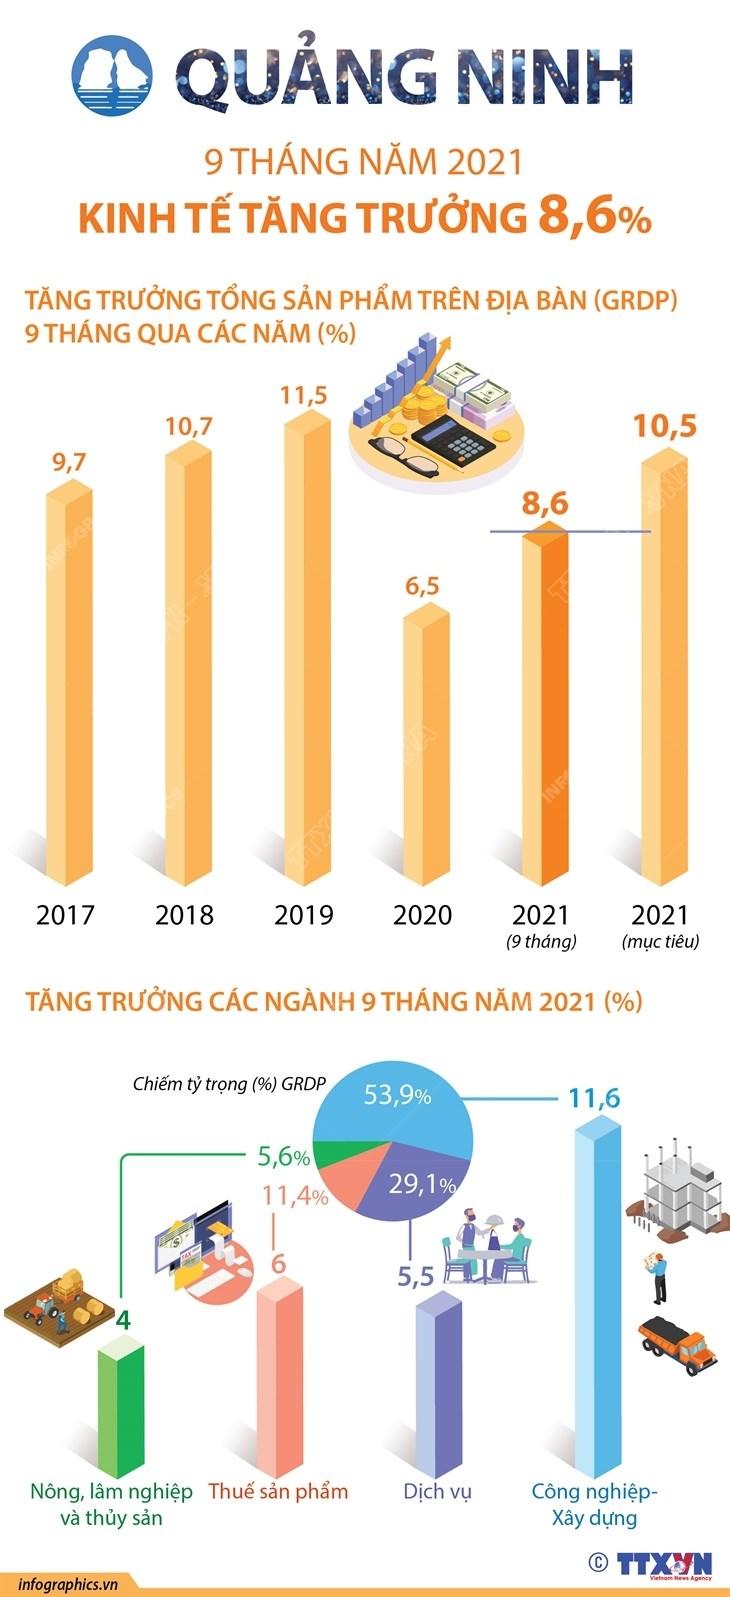 9 thang nam 2021: Kinh te Quang Ninh tang truong 8,6% hinh anh 1